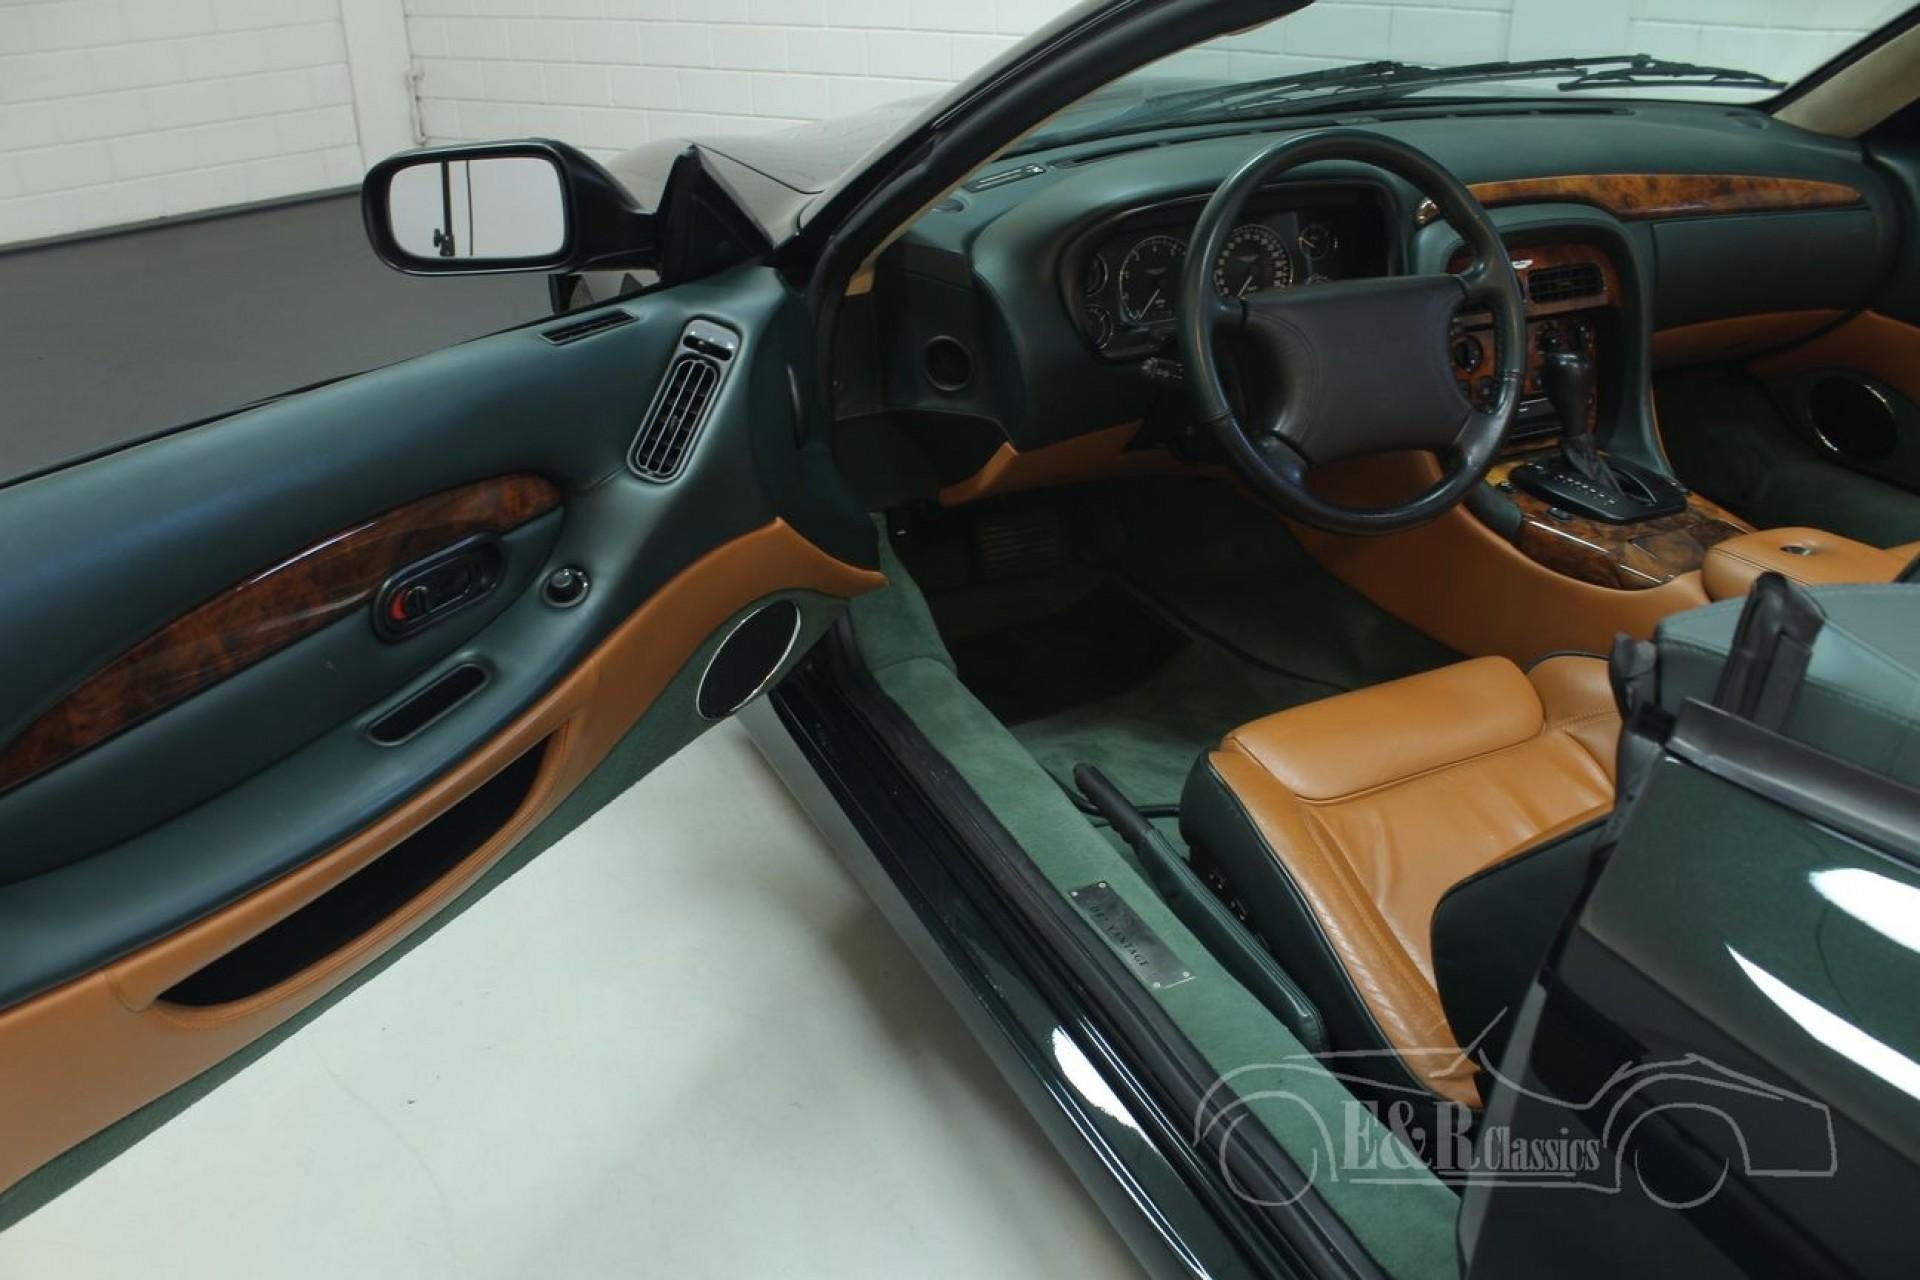 Aston Martin Db7 Vantage Volante 2000 For Sale At Erclassics